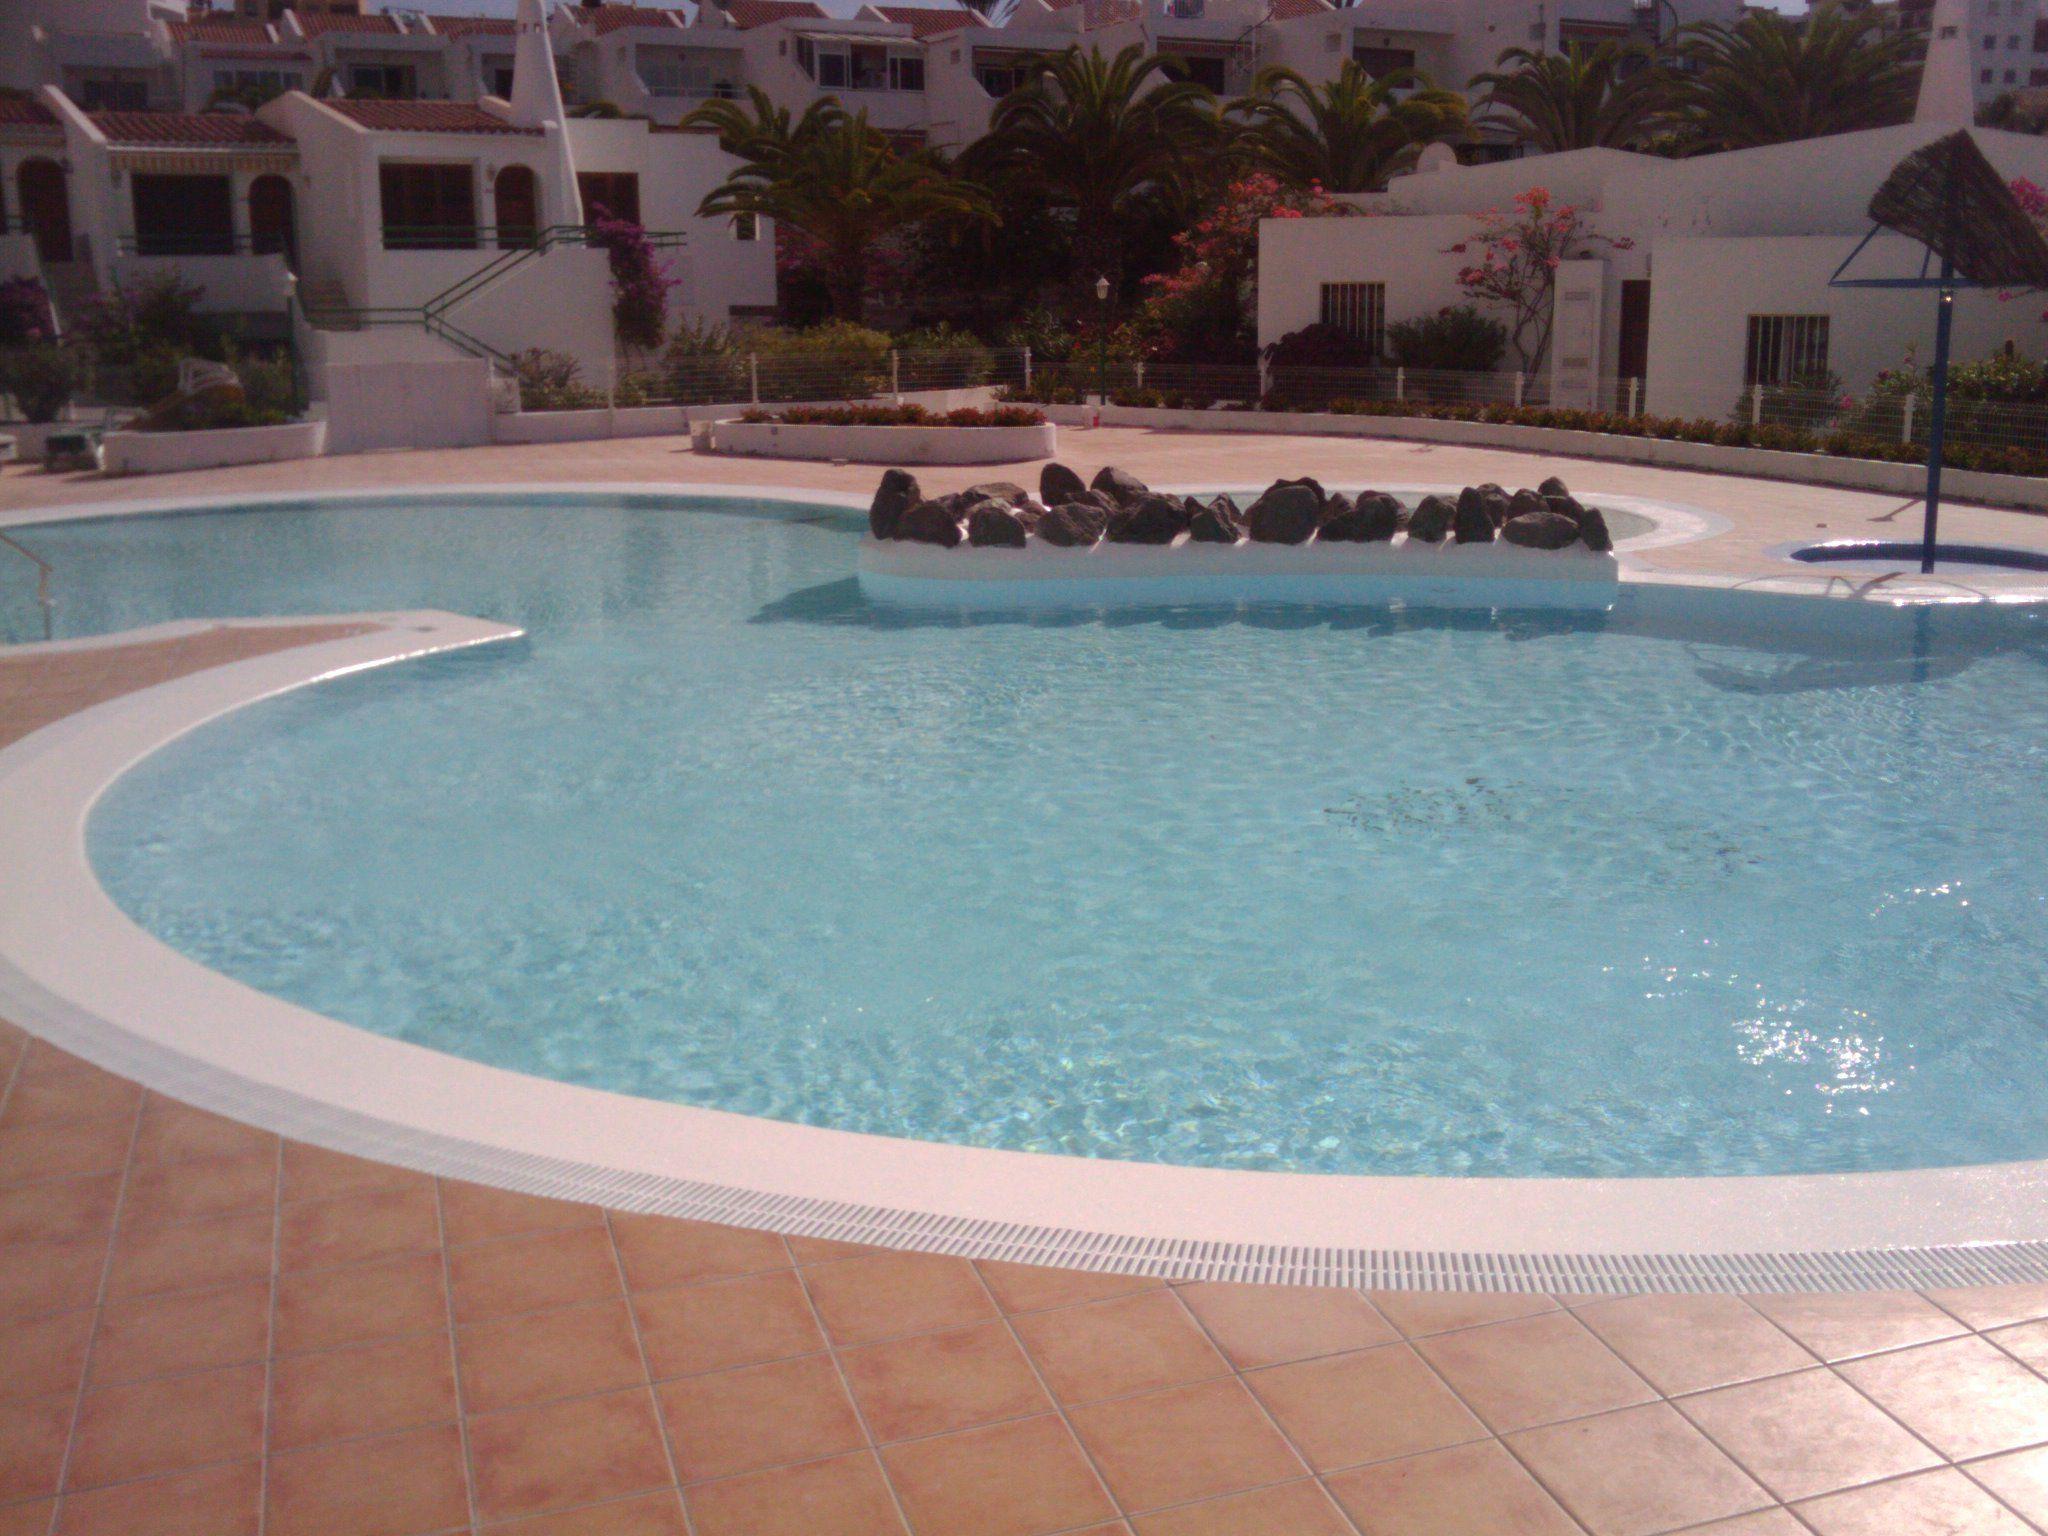 Construccion de piscinas en canarias coral piscinas for Construcion de piscinas